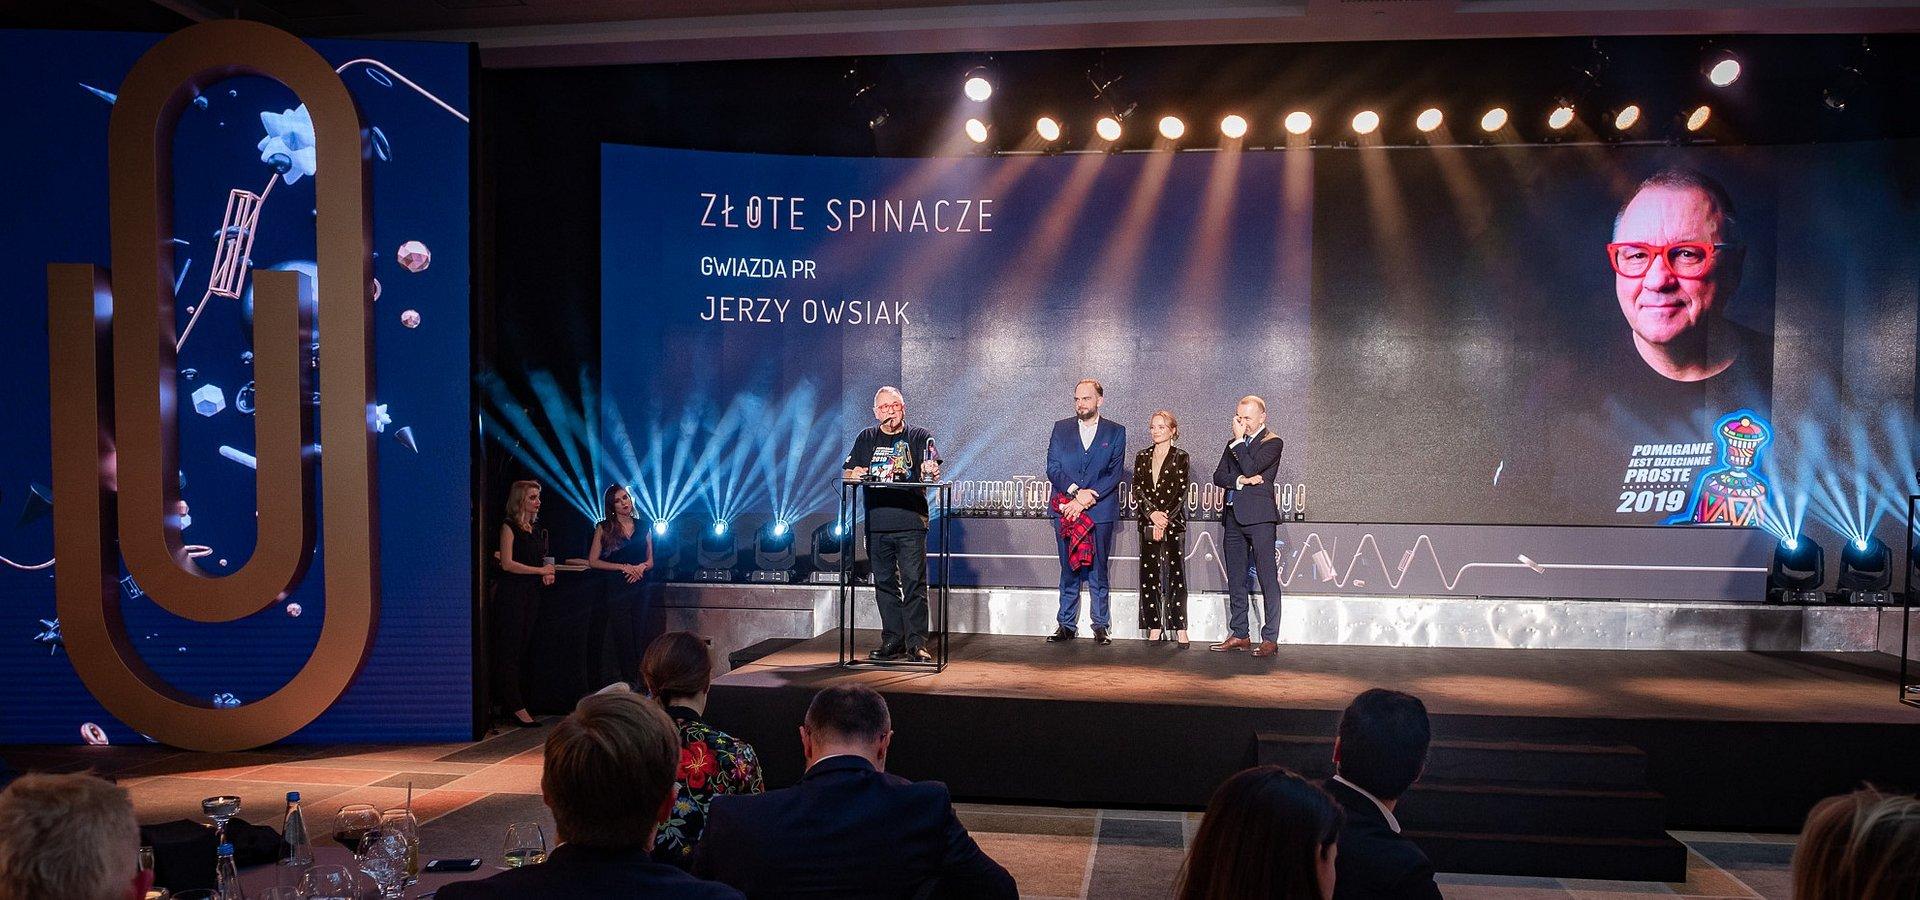 Aż 6 nagród w Konkursie Złote Spinacze dla Fundacji WOŚP